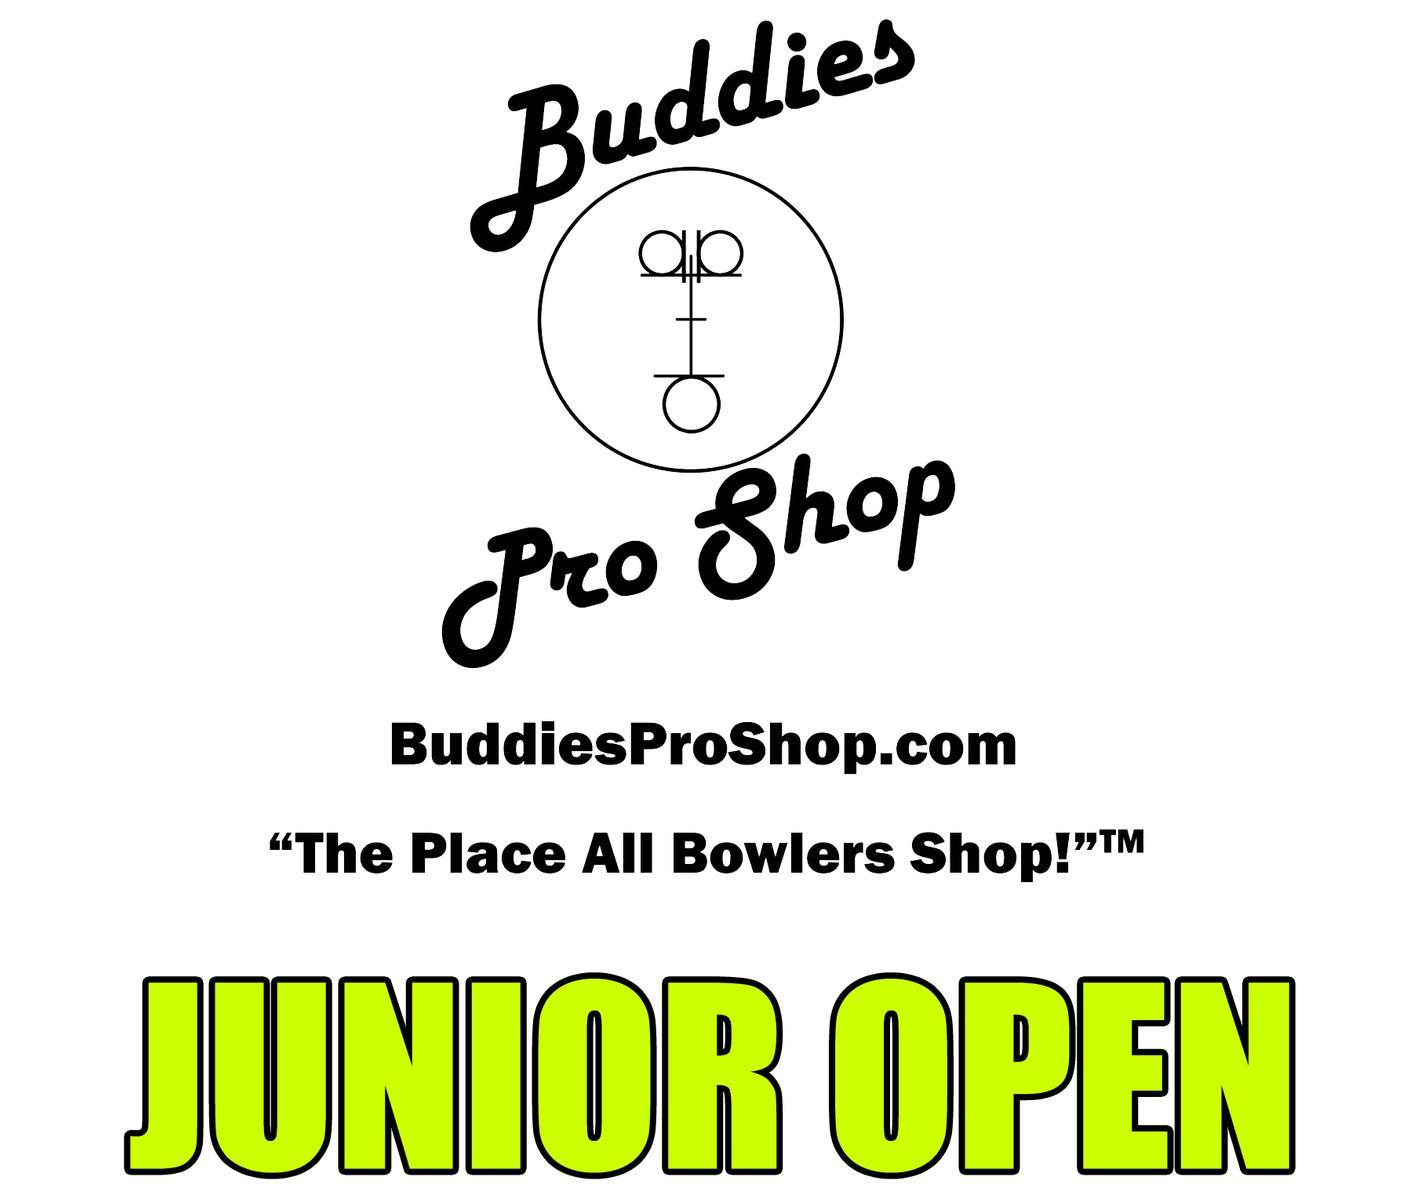 buddies-jr-open-logo.jpg